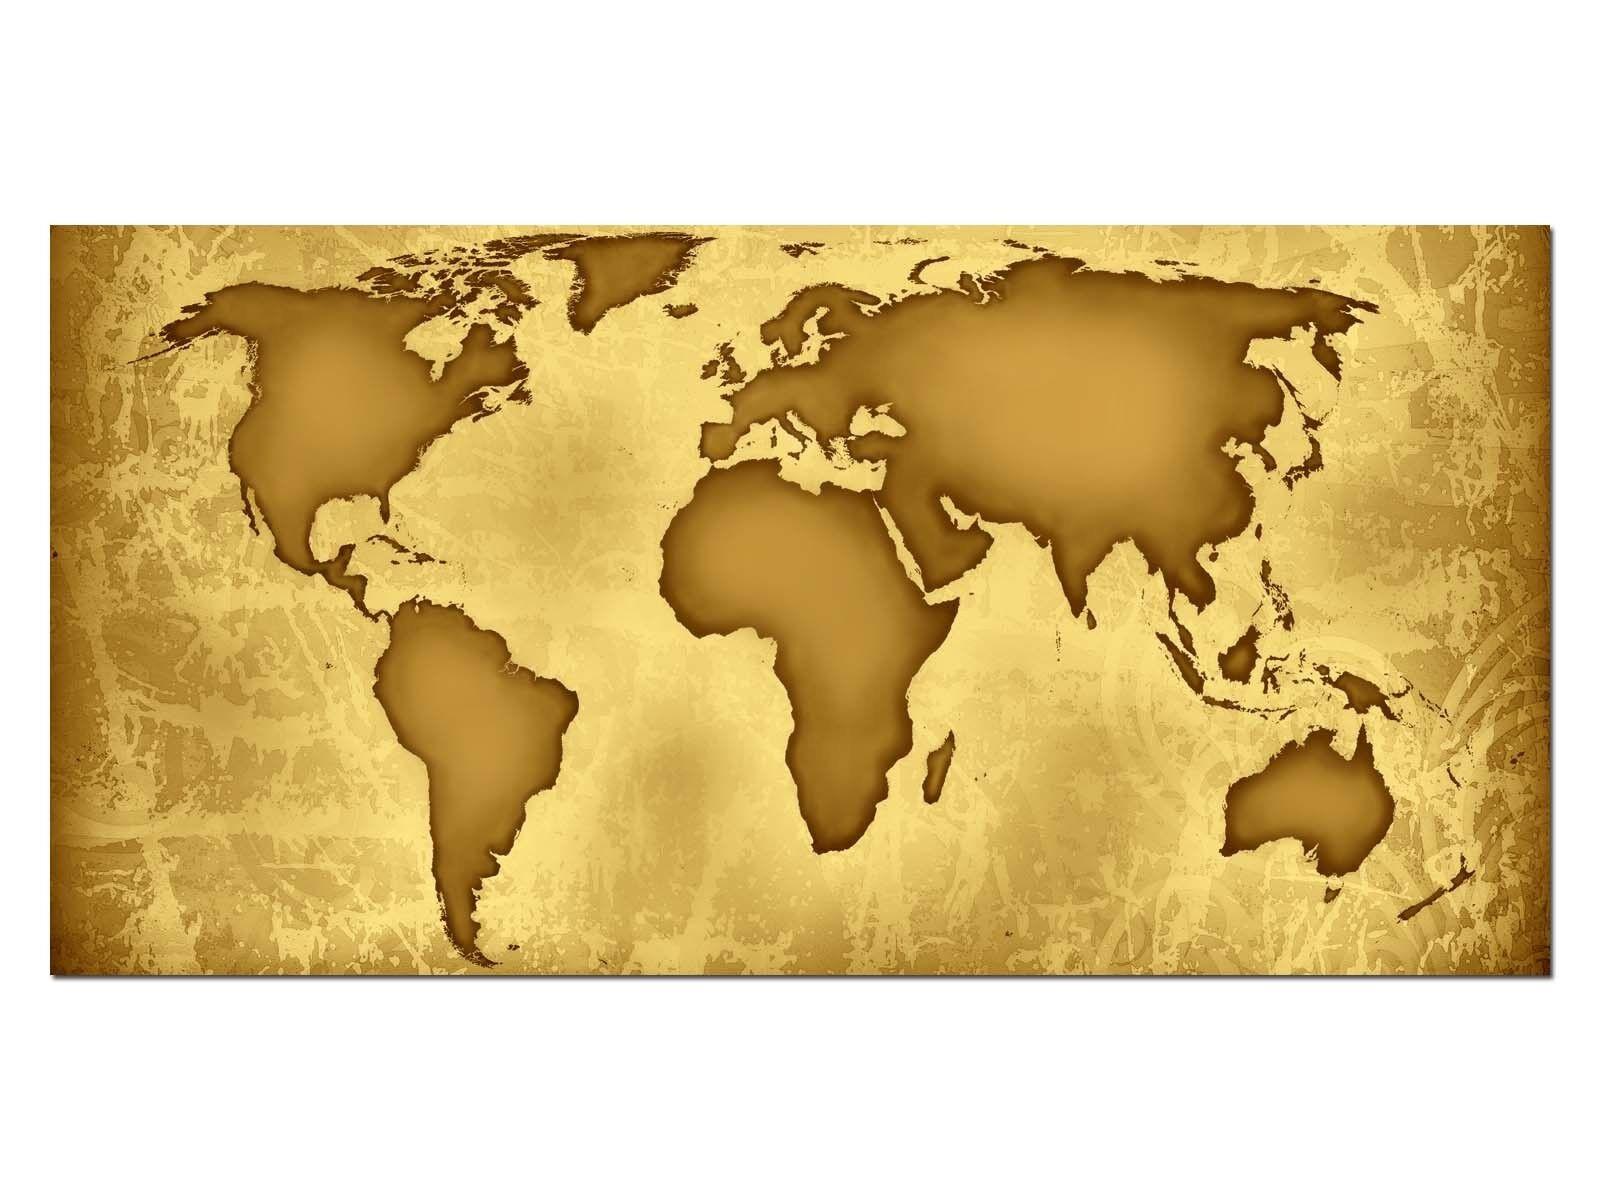 Deco Glas Bild EG4100500525 WORLDMAP ANTIQUE COLGoldt Größe 39,37  x 19,68  HD